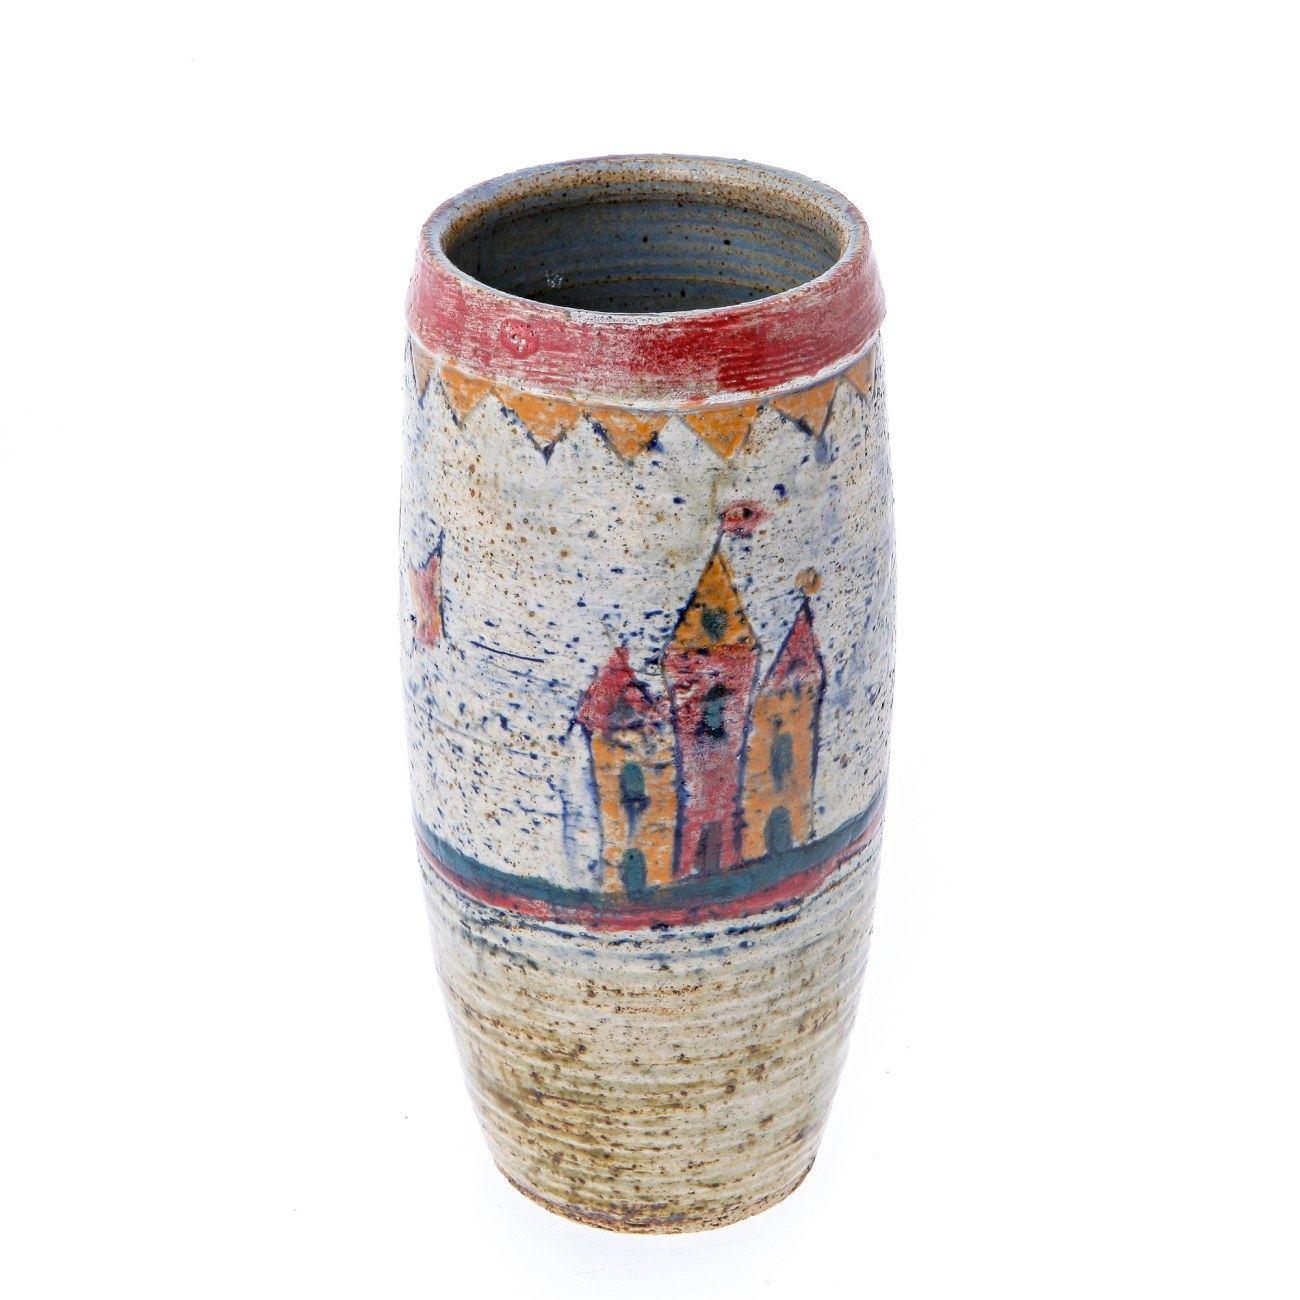 modern ceramic decorative castle design round flower vase, unique